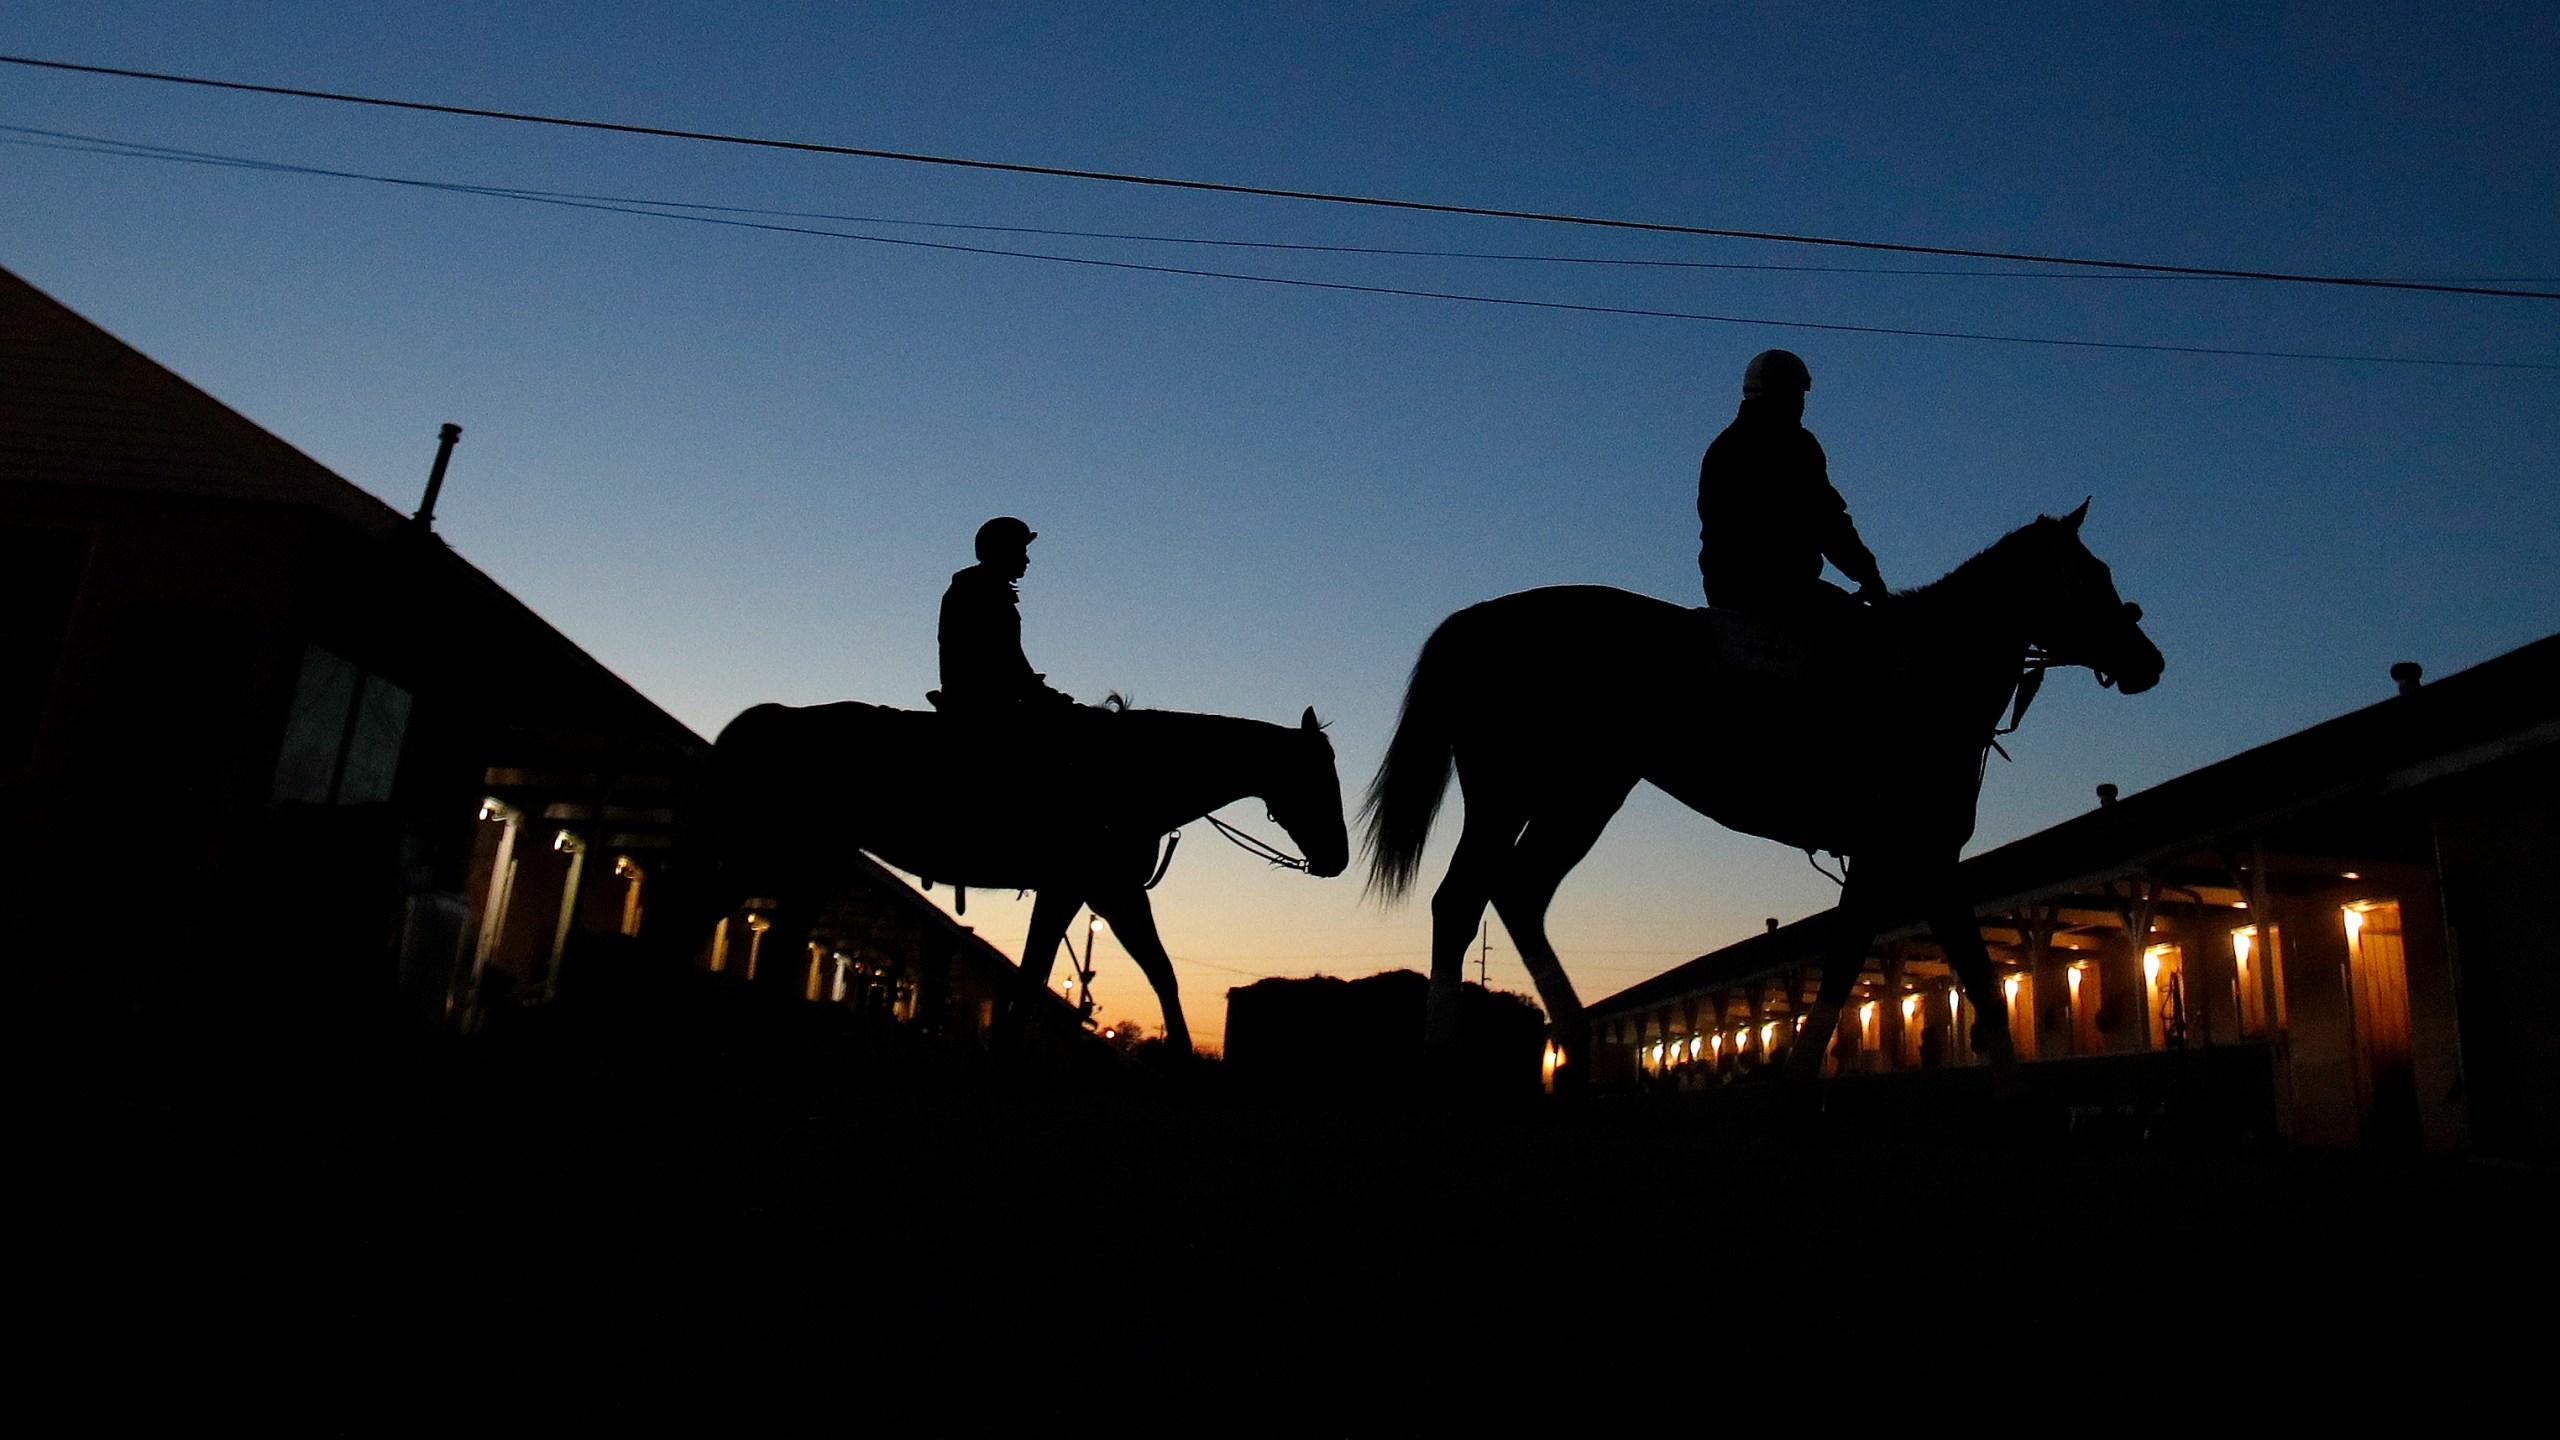 Kentucky_Derby_Horse_Racing_13335-159532.jpg72979140